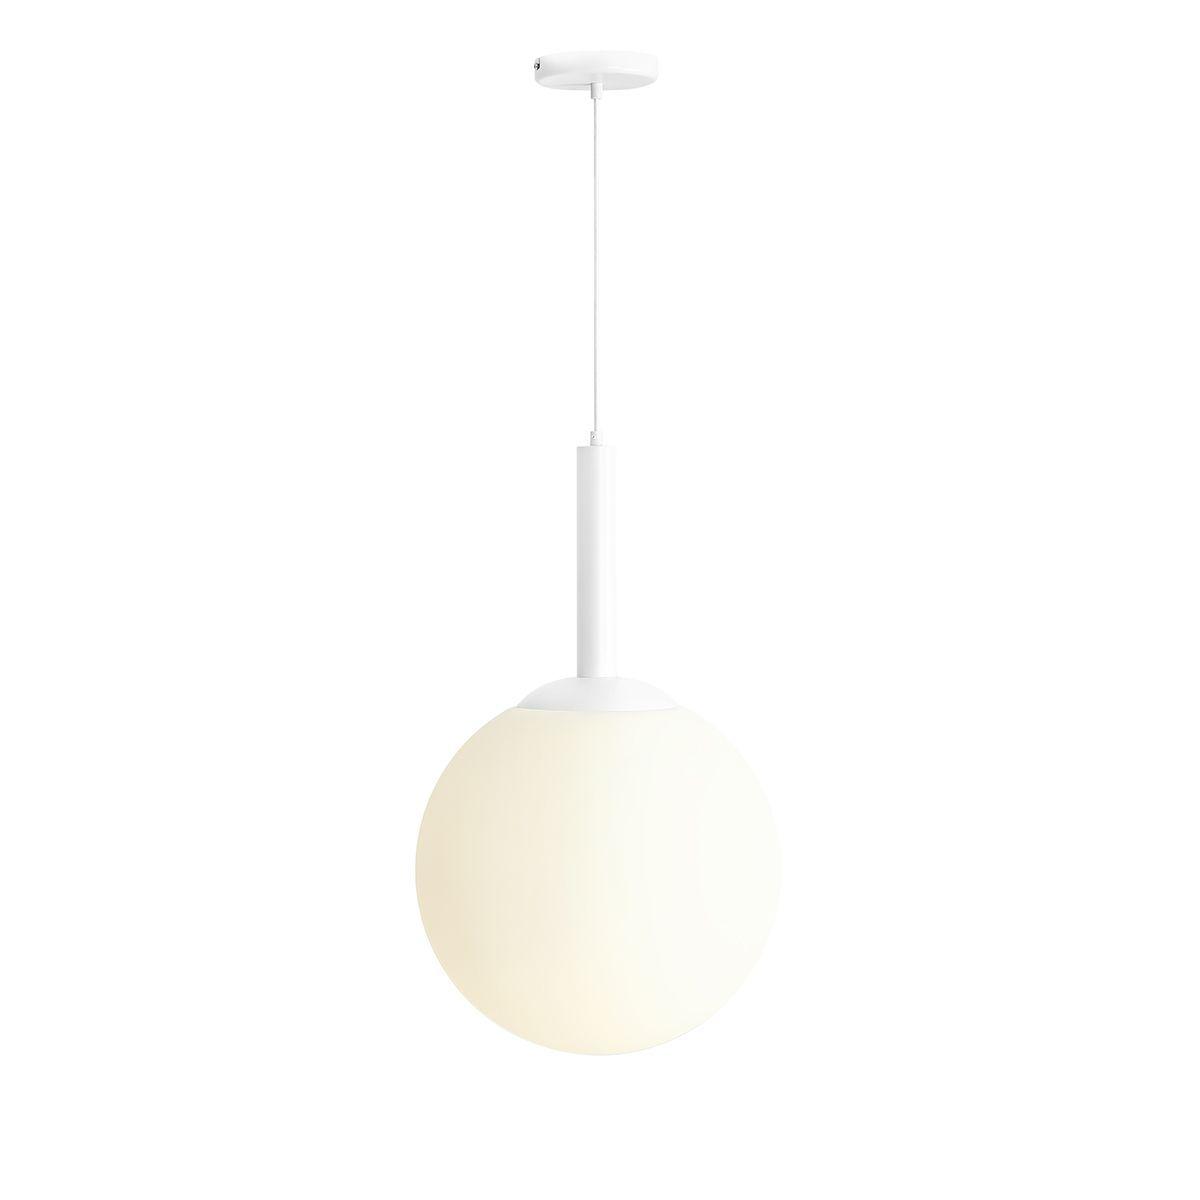 biała lampa wisząca duży klosz kula